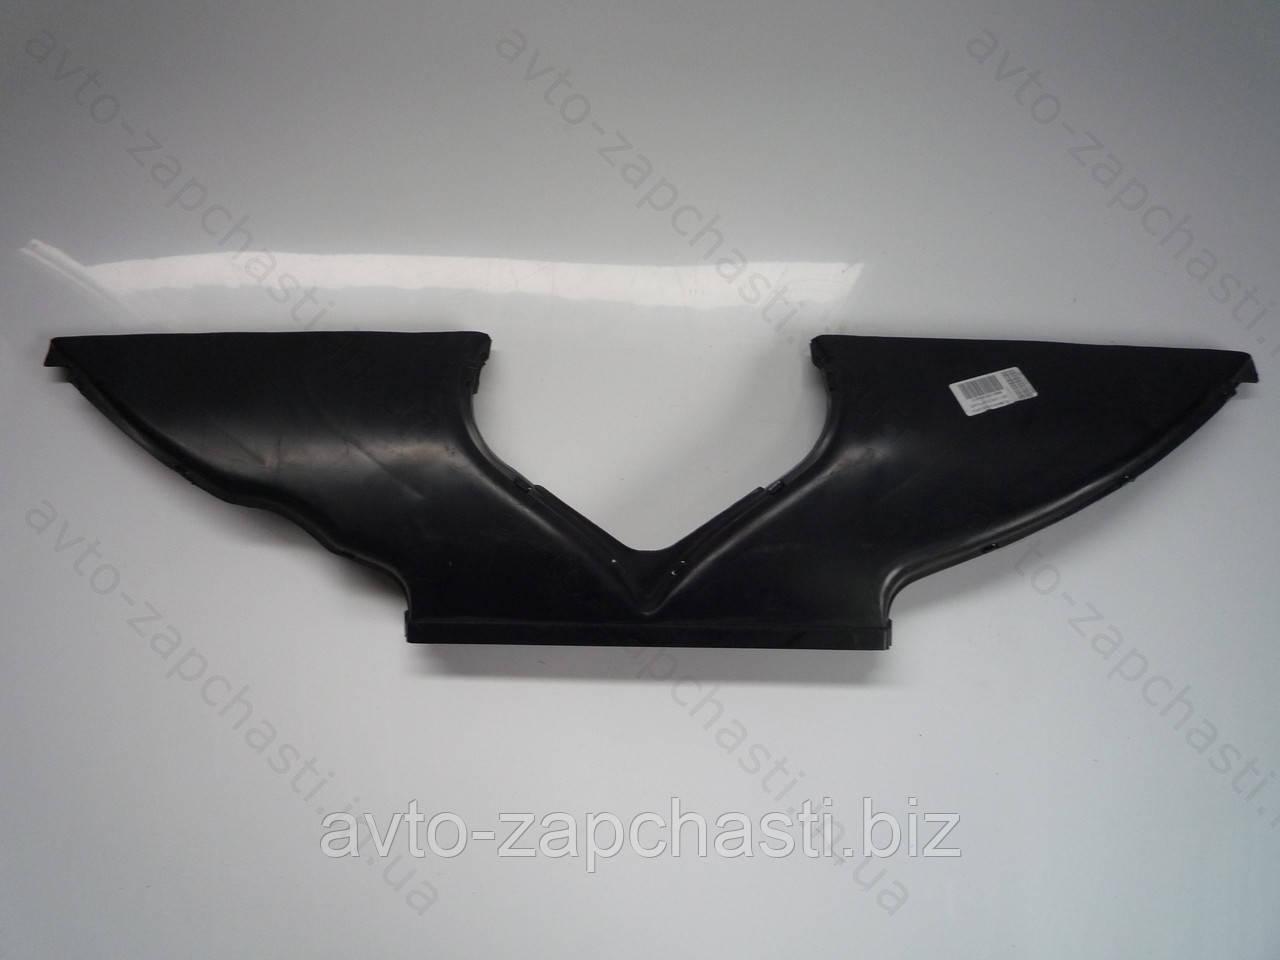 Воздухопровод обогрева ветрового стекла ВАЗ 2105